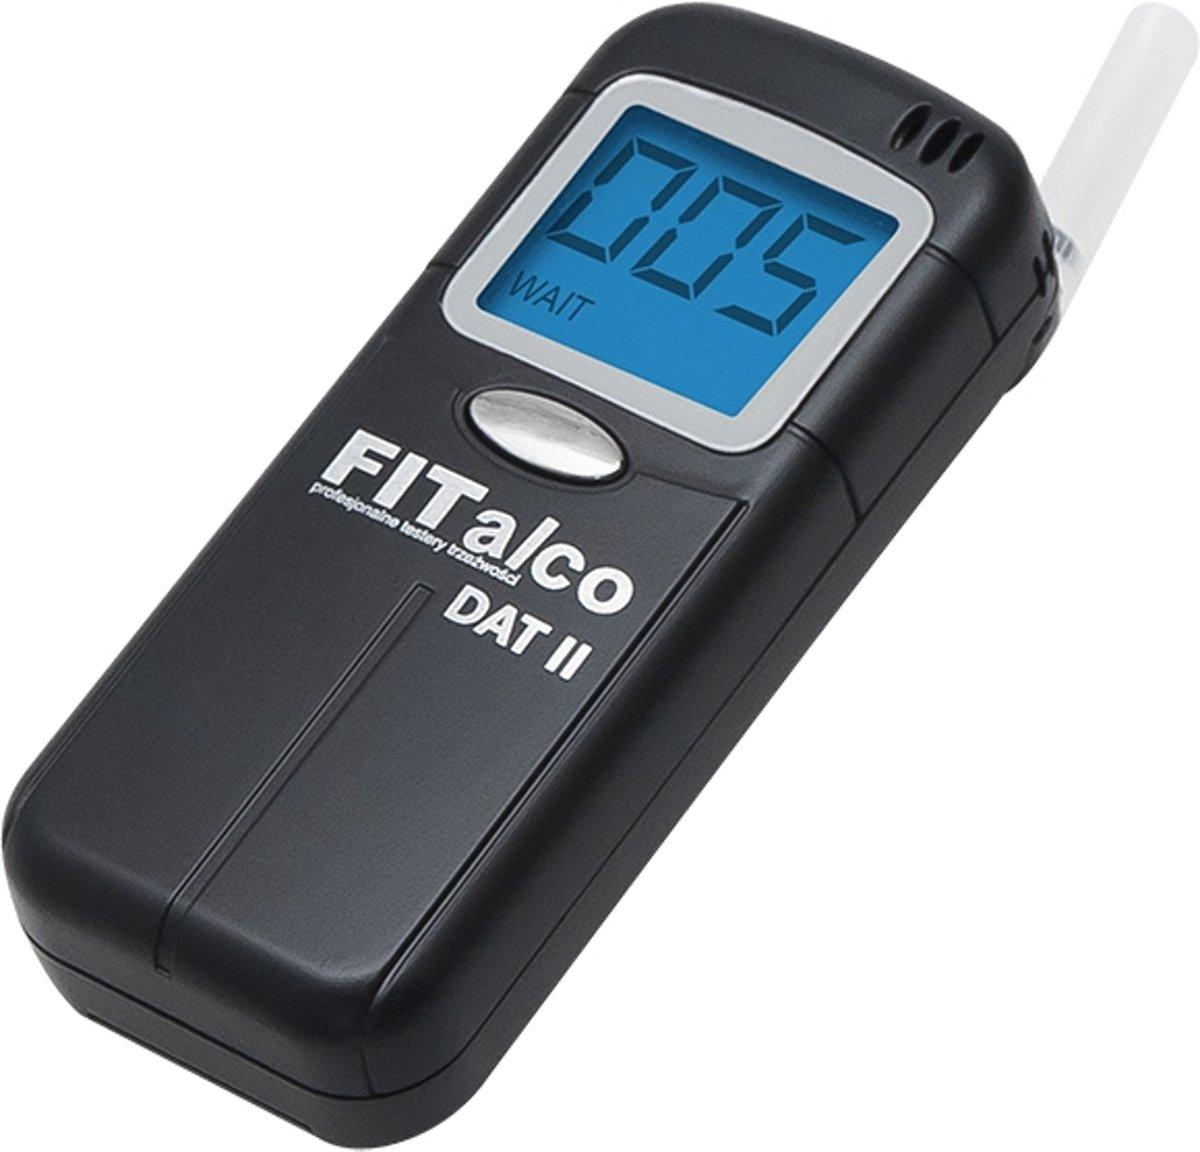 Foto van Digitale Alcohol Tester - Mondstuk en LCD Scherm - Groot bereik - Zwart